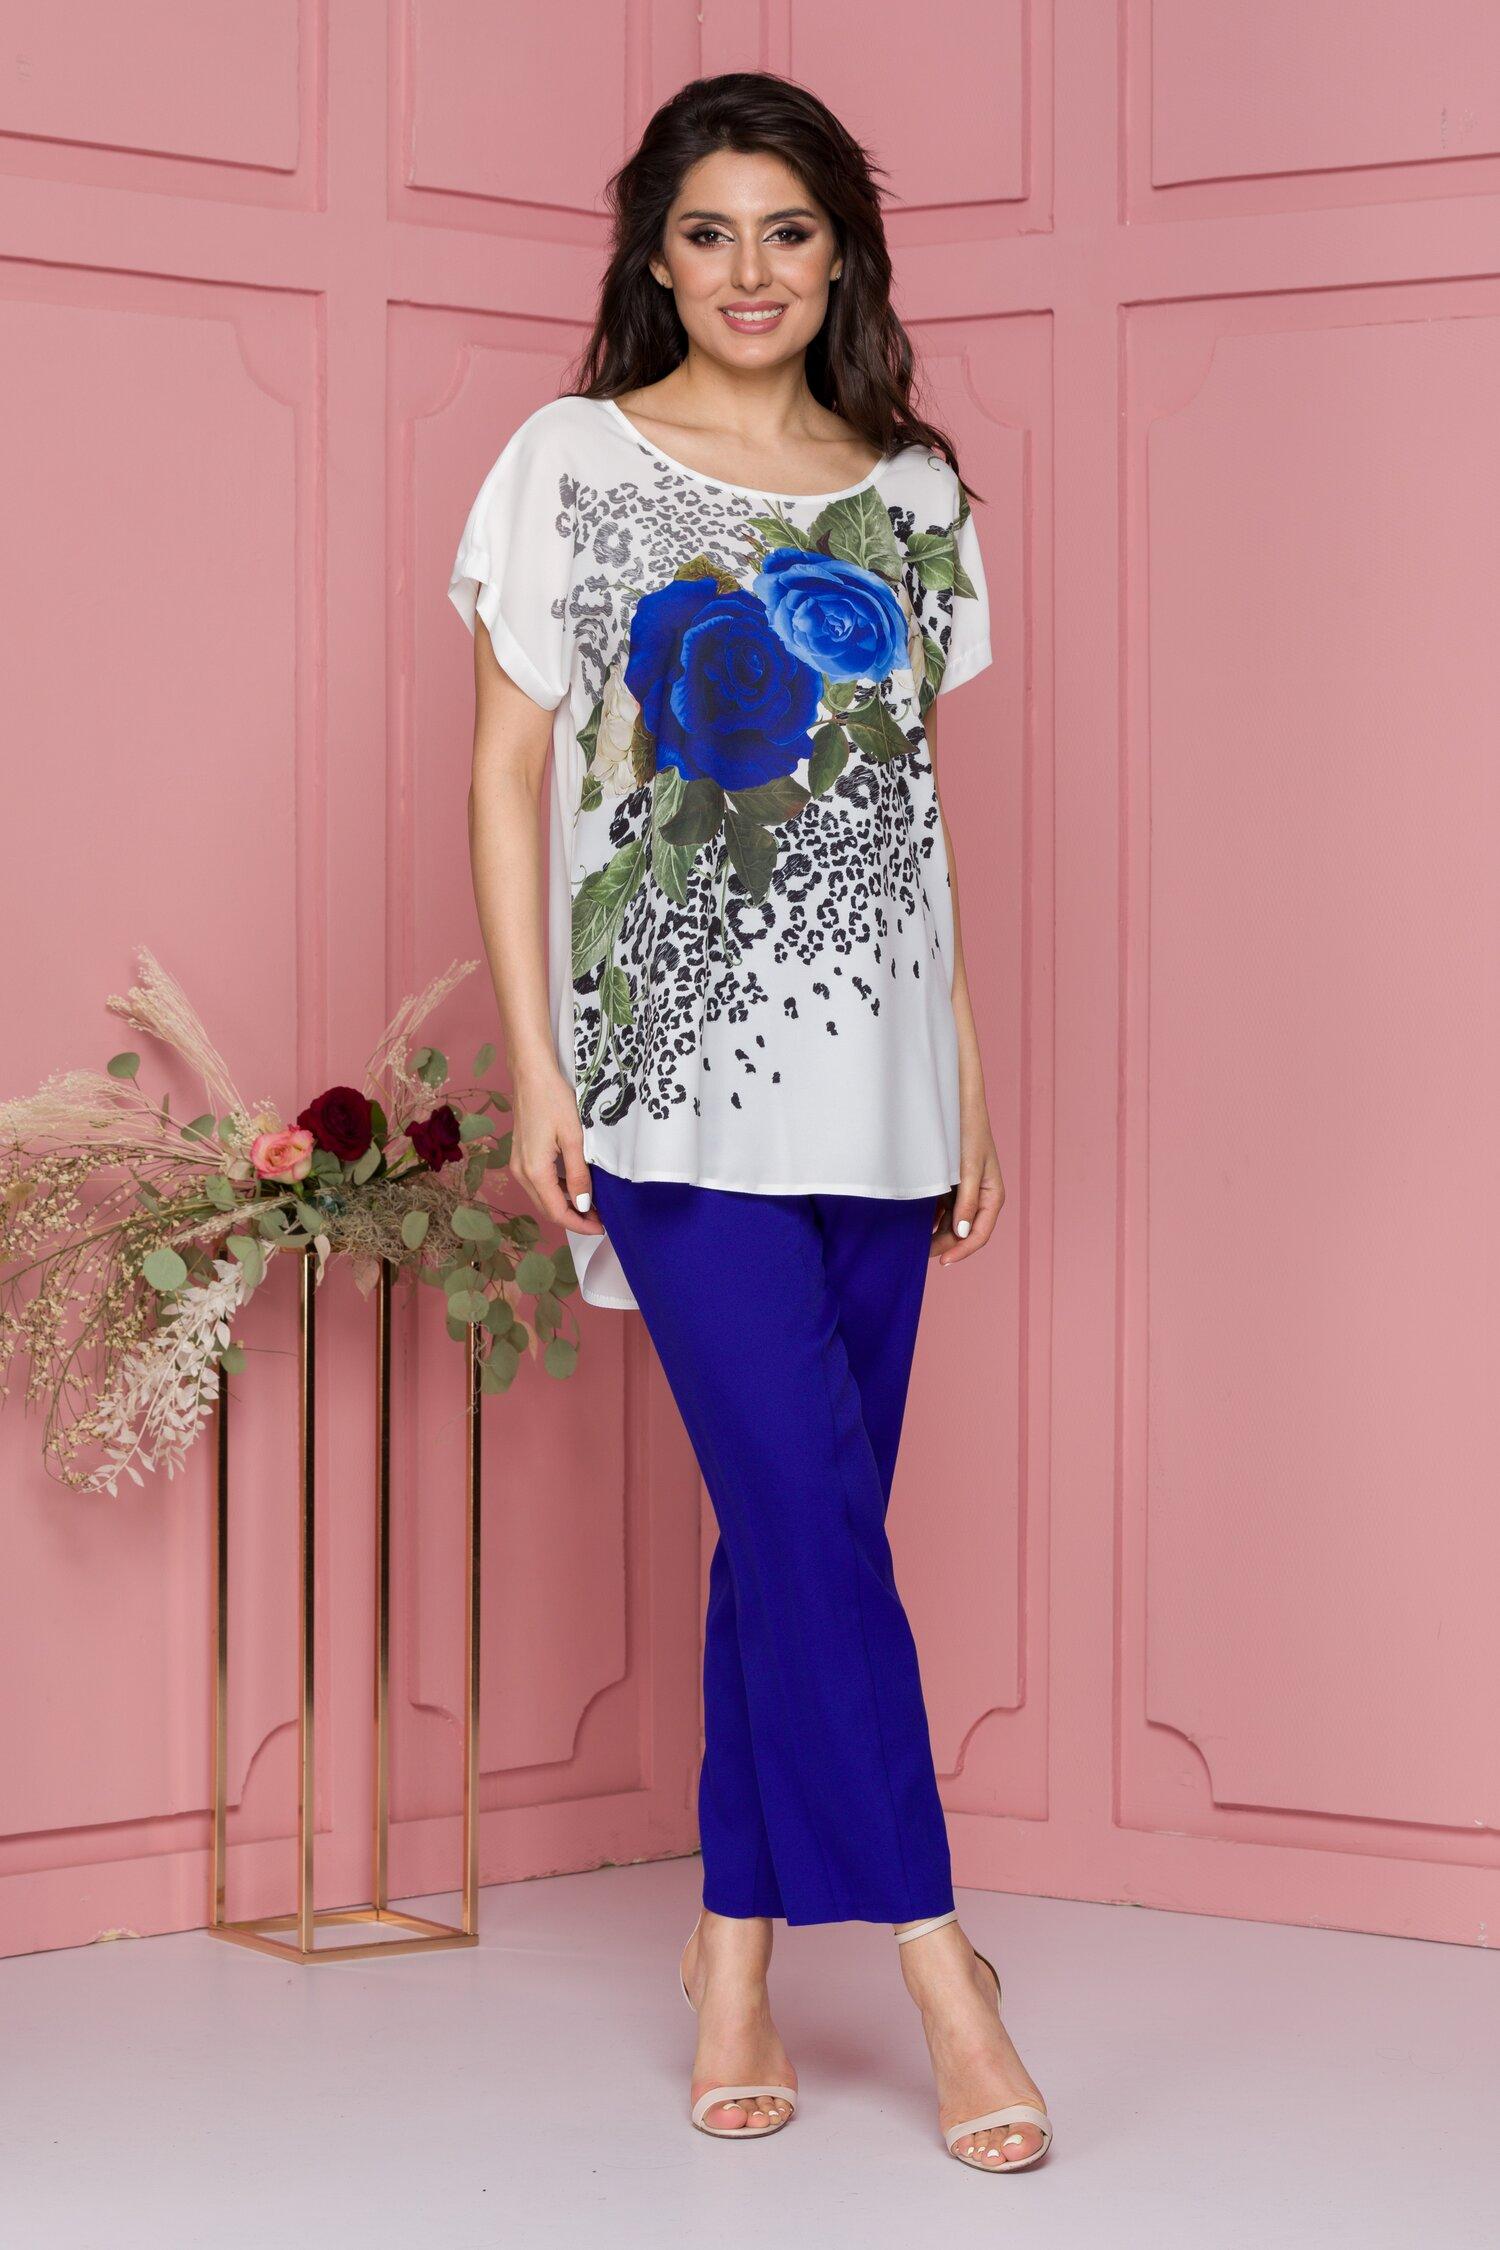 Compleu Marusia cu pantaloni albastri si bluza alba cu imprimeuri imagine